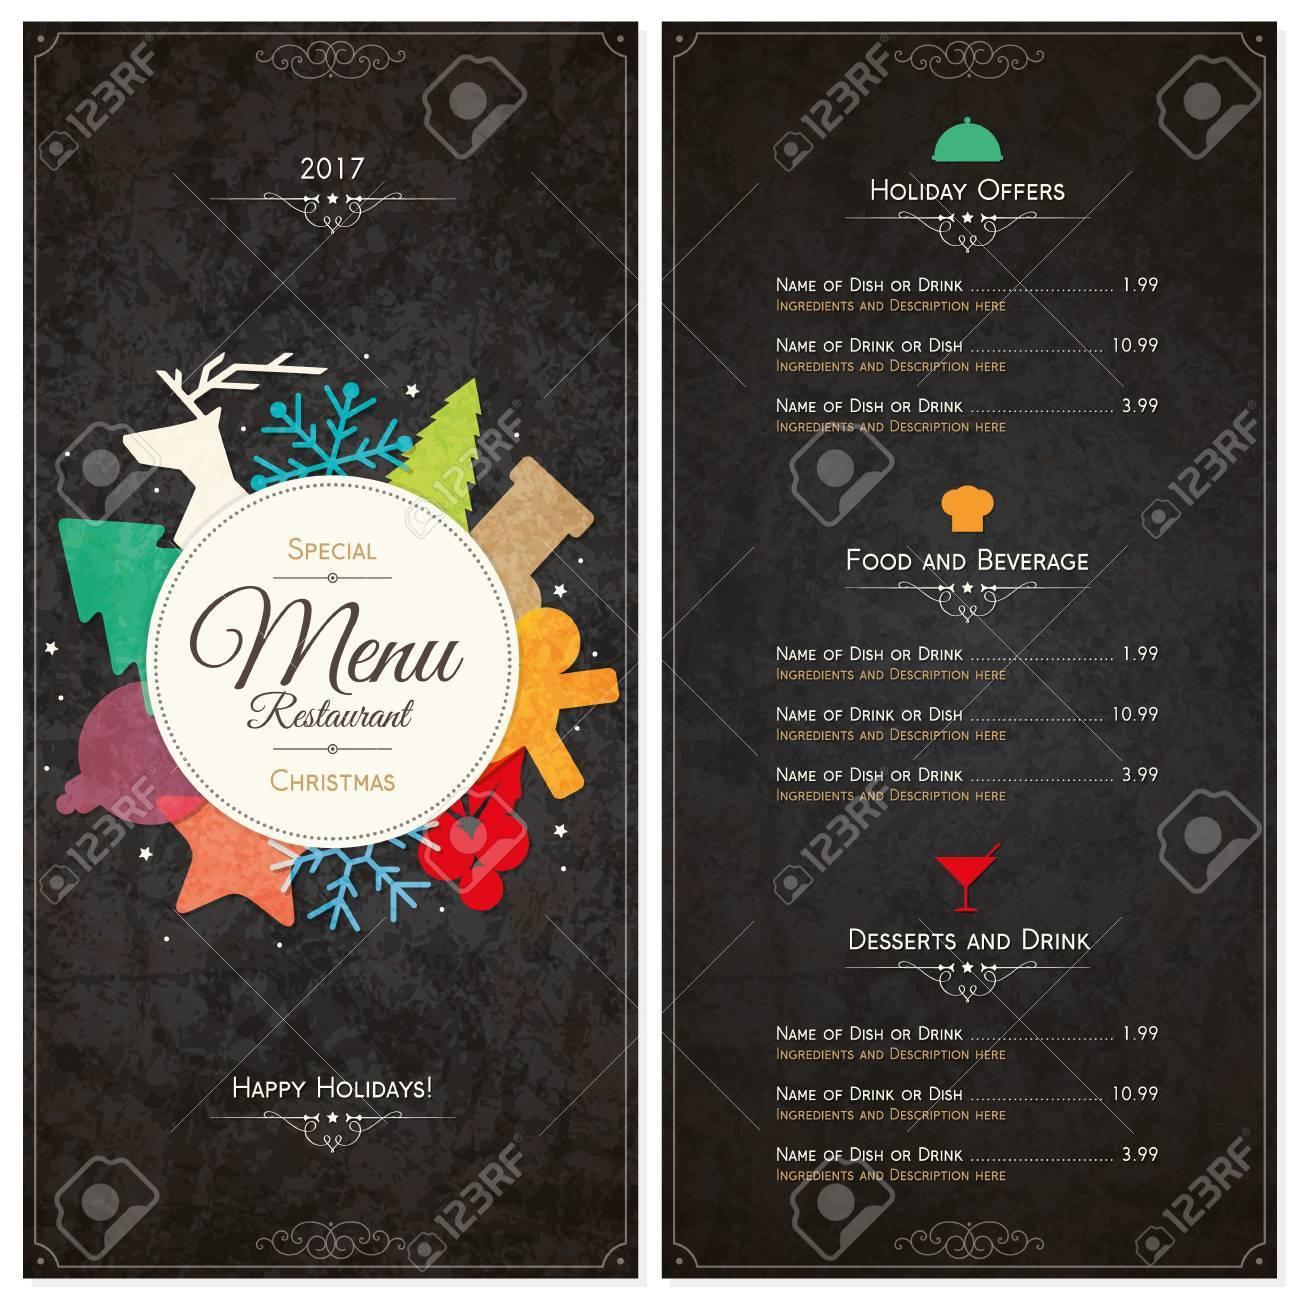 Special Christmas festive menu design - 64320704